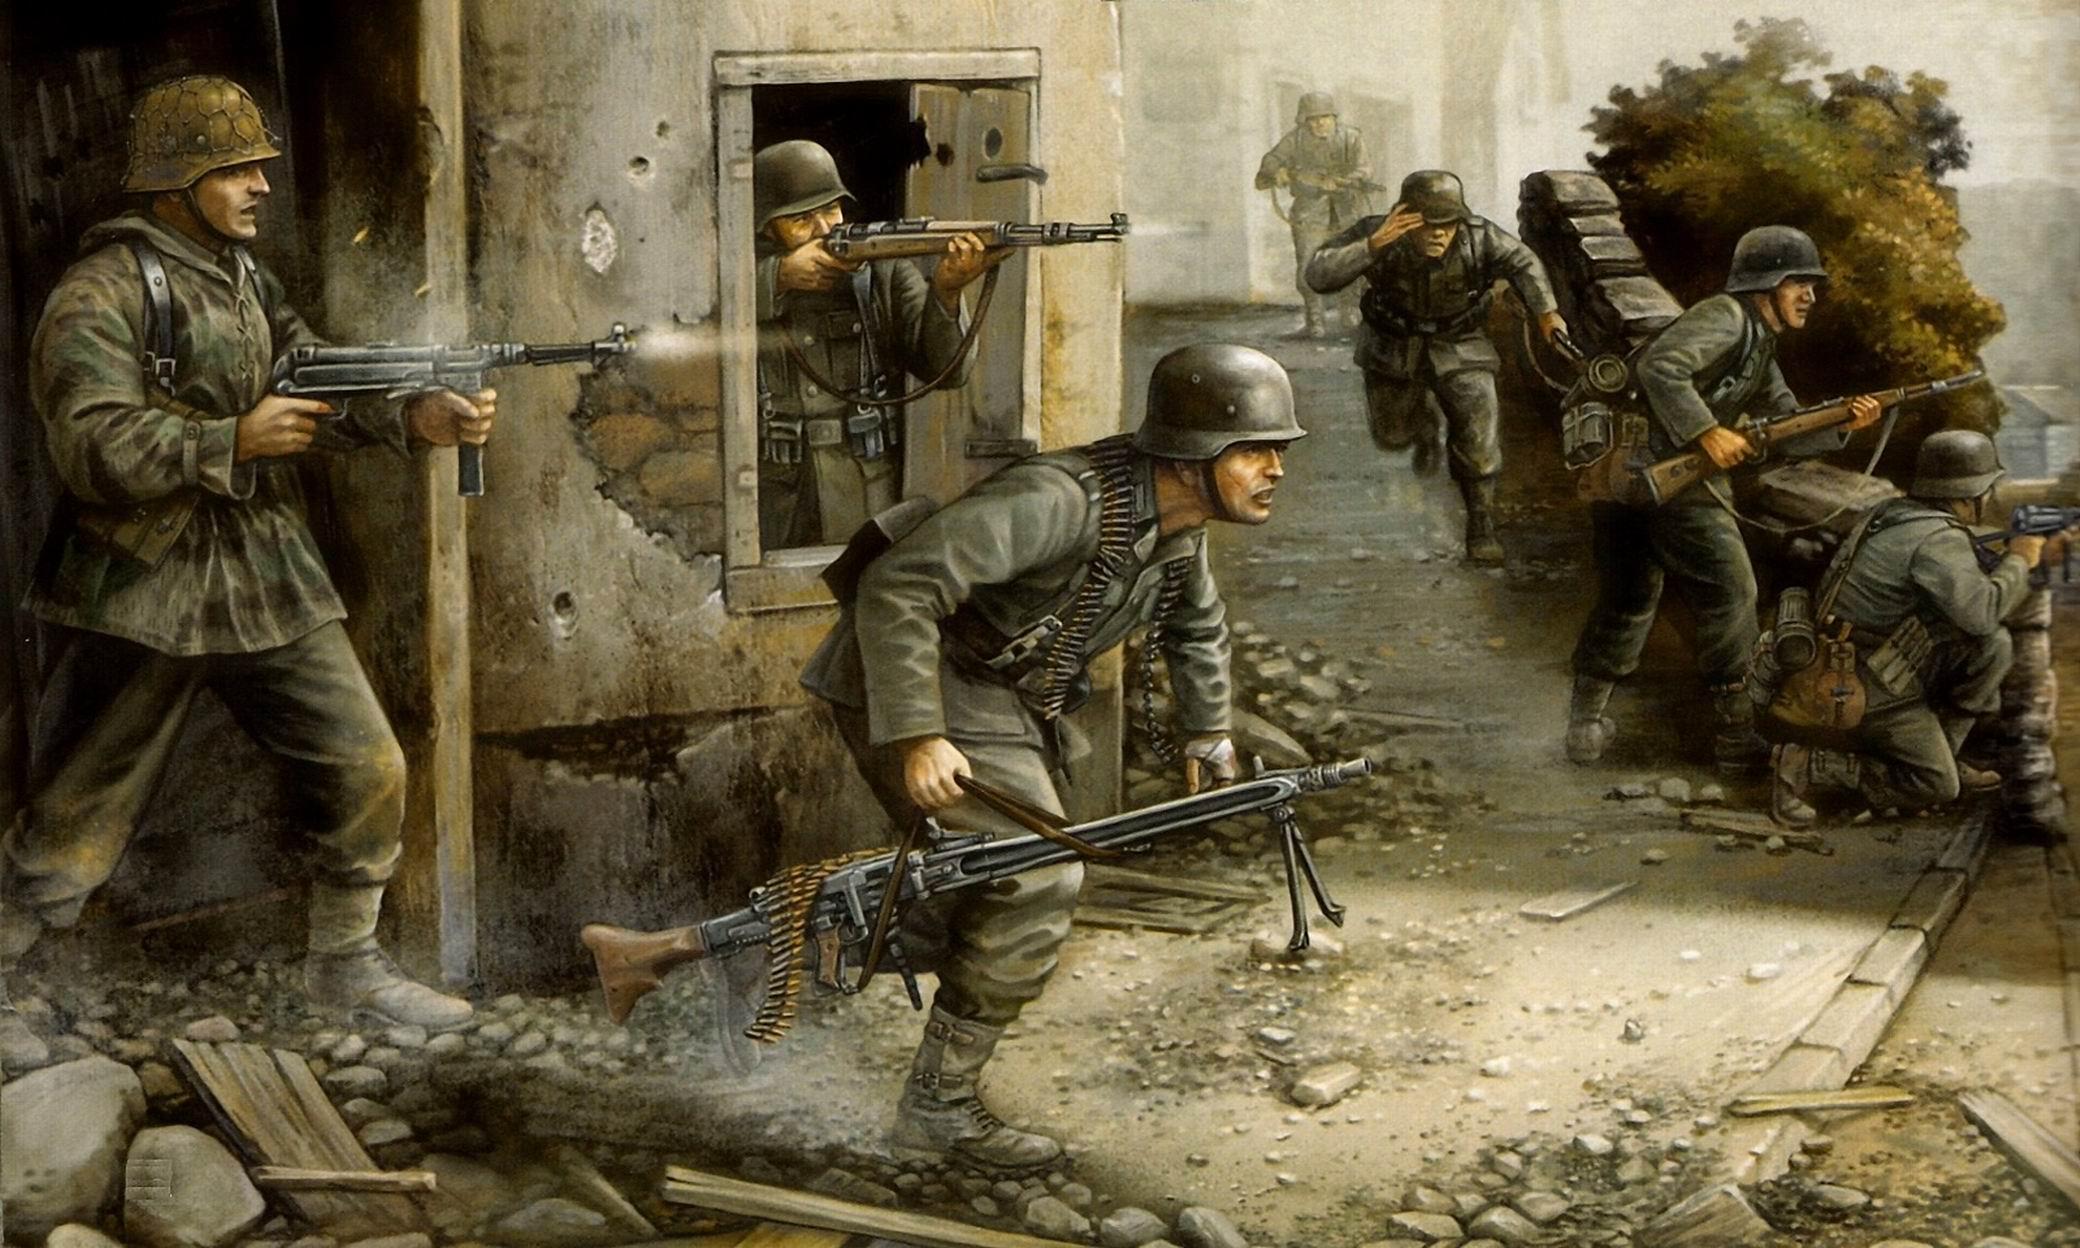 559968_flames_of_war_nemtsyi_fashistyi_soldatyi_vermaht_2080x1248_(www.GetBg.net).jpg